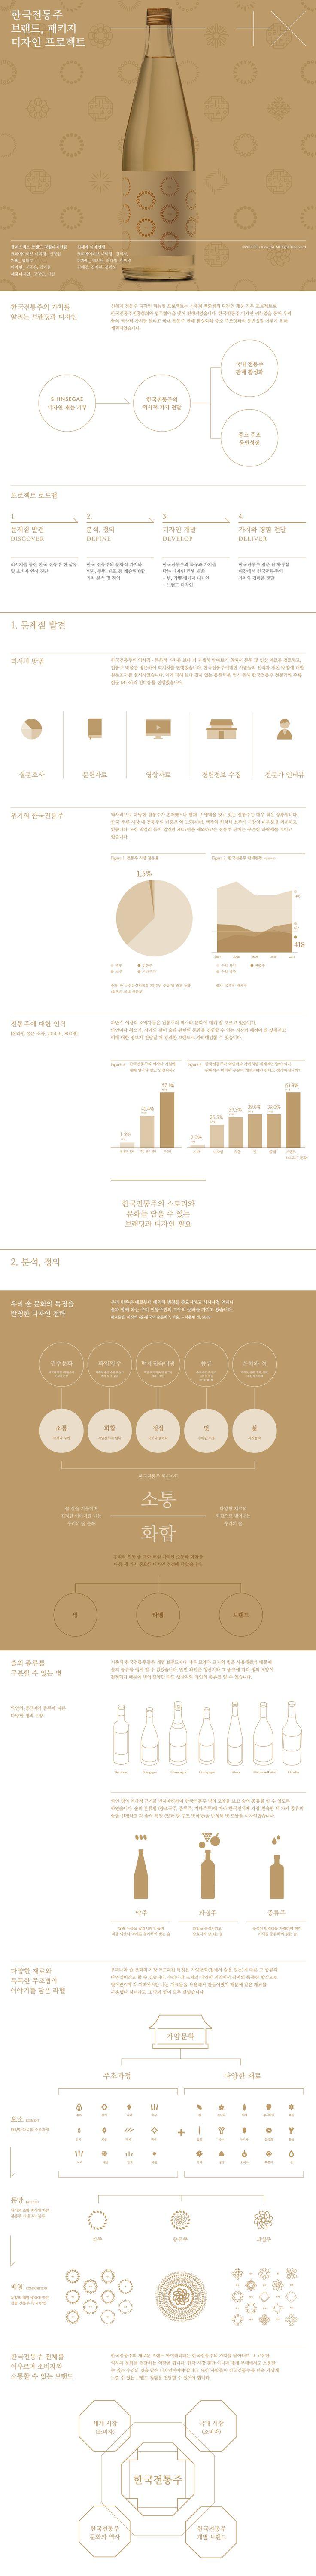 신세계 백화점. 한국 전통주 브랜드 경험디자인 프로젝트 : 네이버 블로그